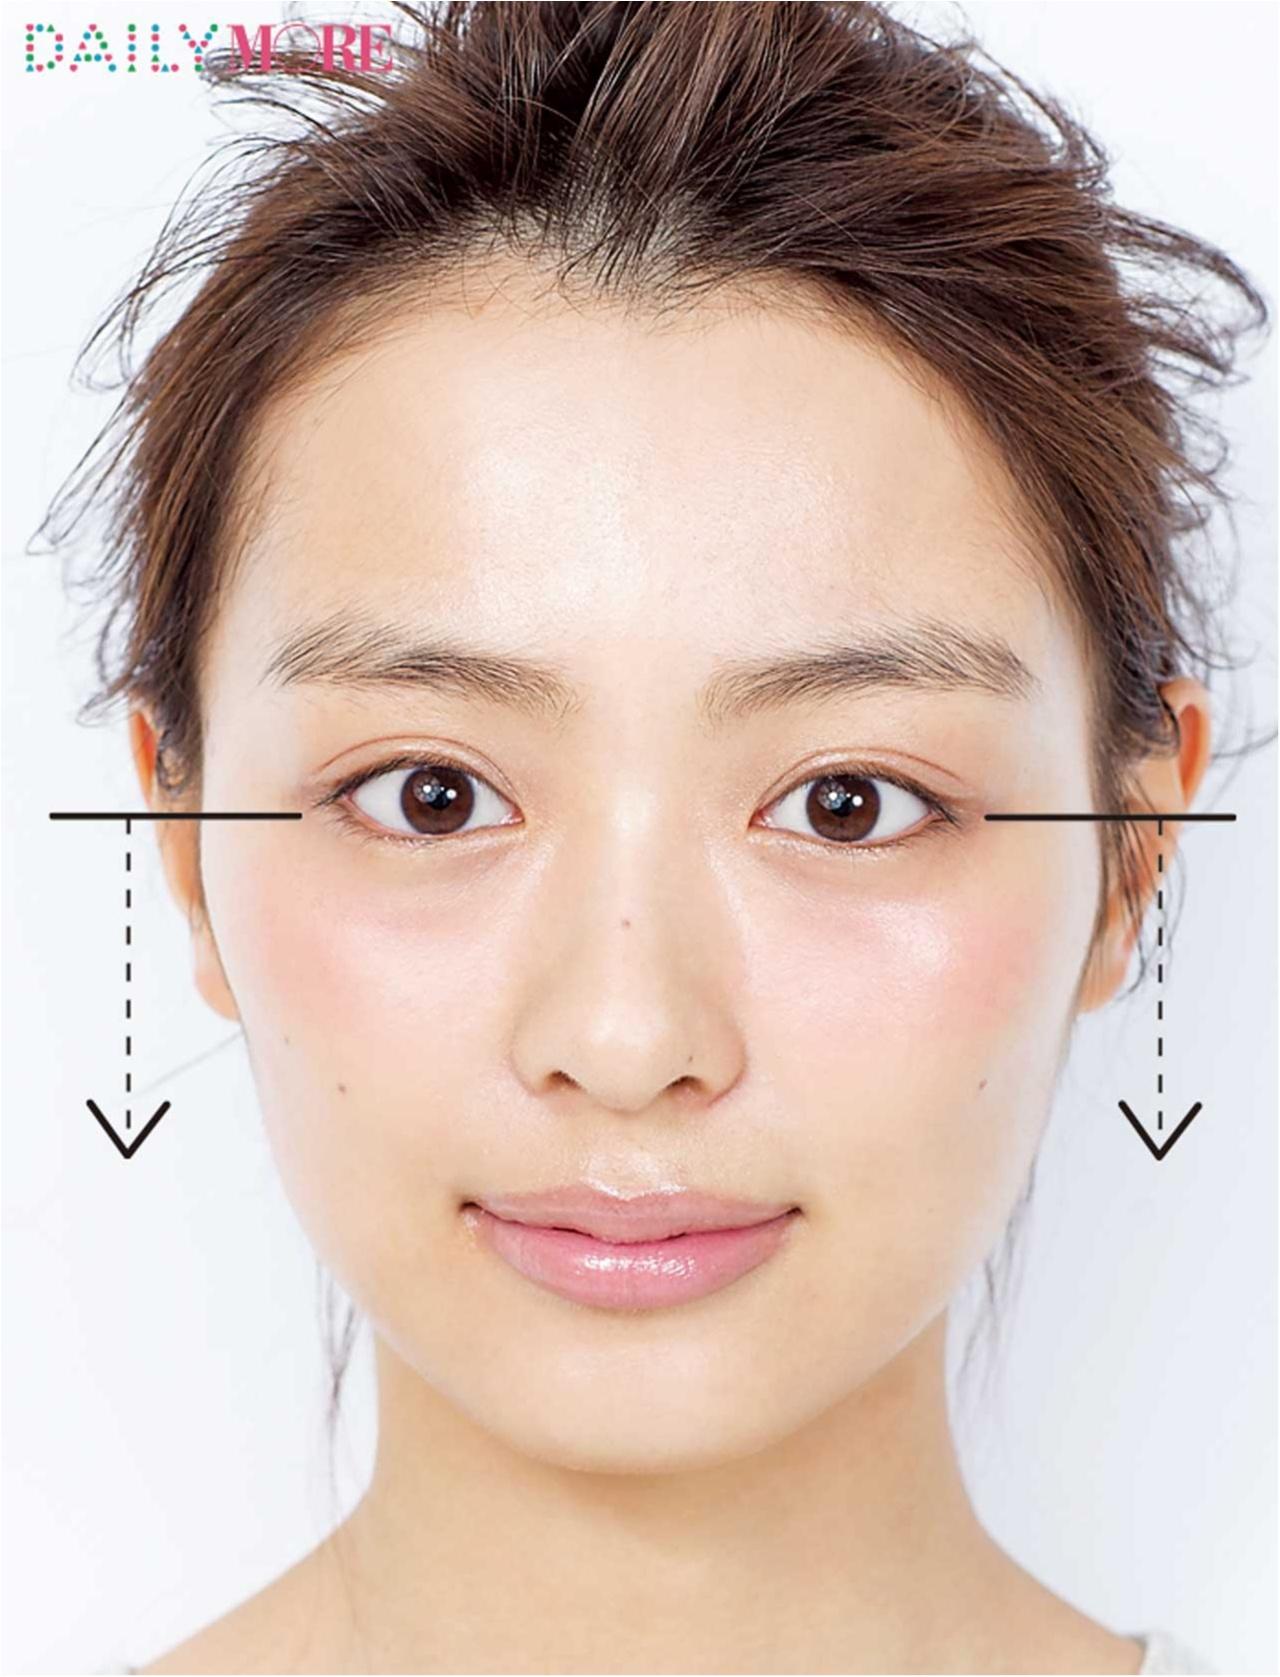 エラ張りの悩みを解消して小顔になれるテク - エラの張りがカバーできる前髪や眉メイク、セルフコルギ(マッサージ)など_10